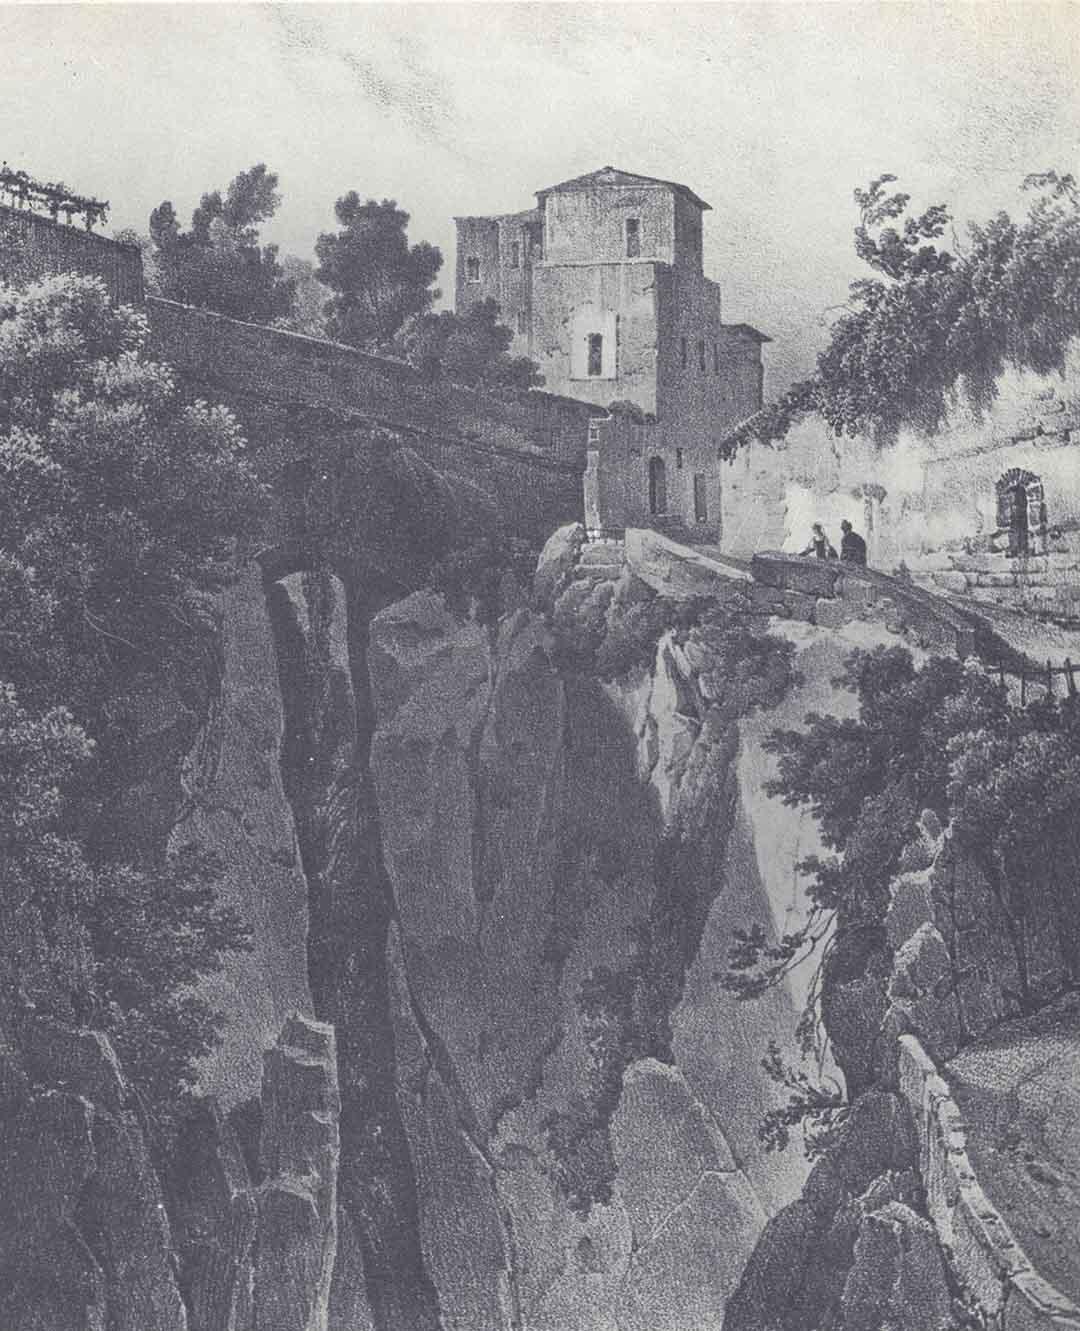 Jean Charles Joseph REMOND - François Séraphin DELPECH, Vue prise dans le ravin de Sorento (near Naples), 1827